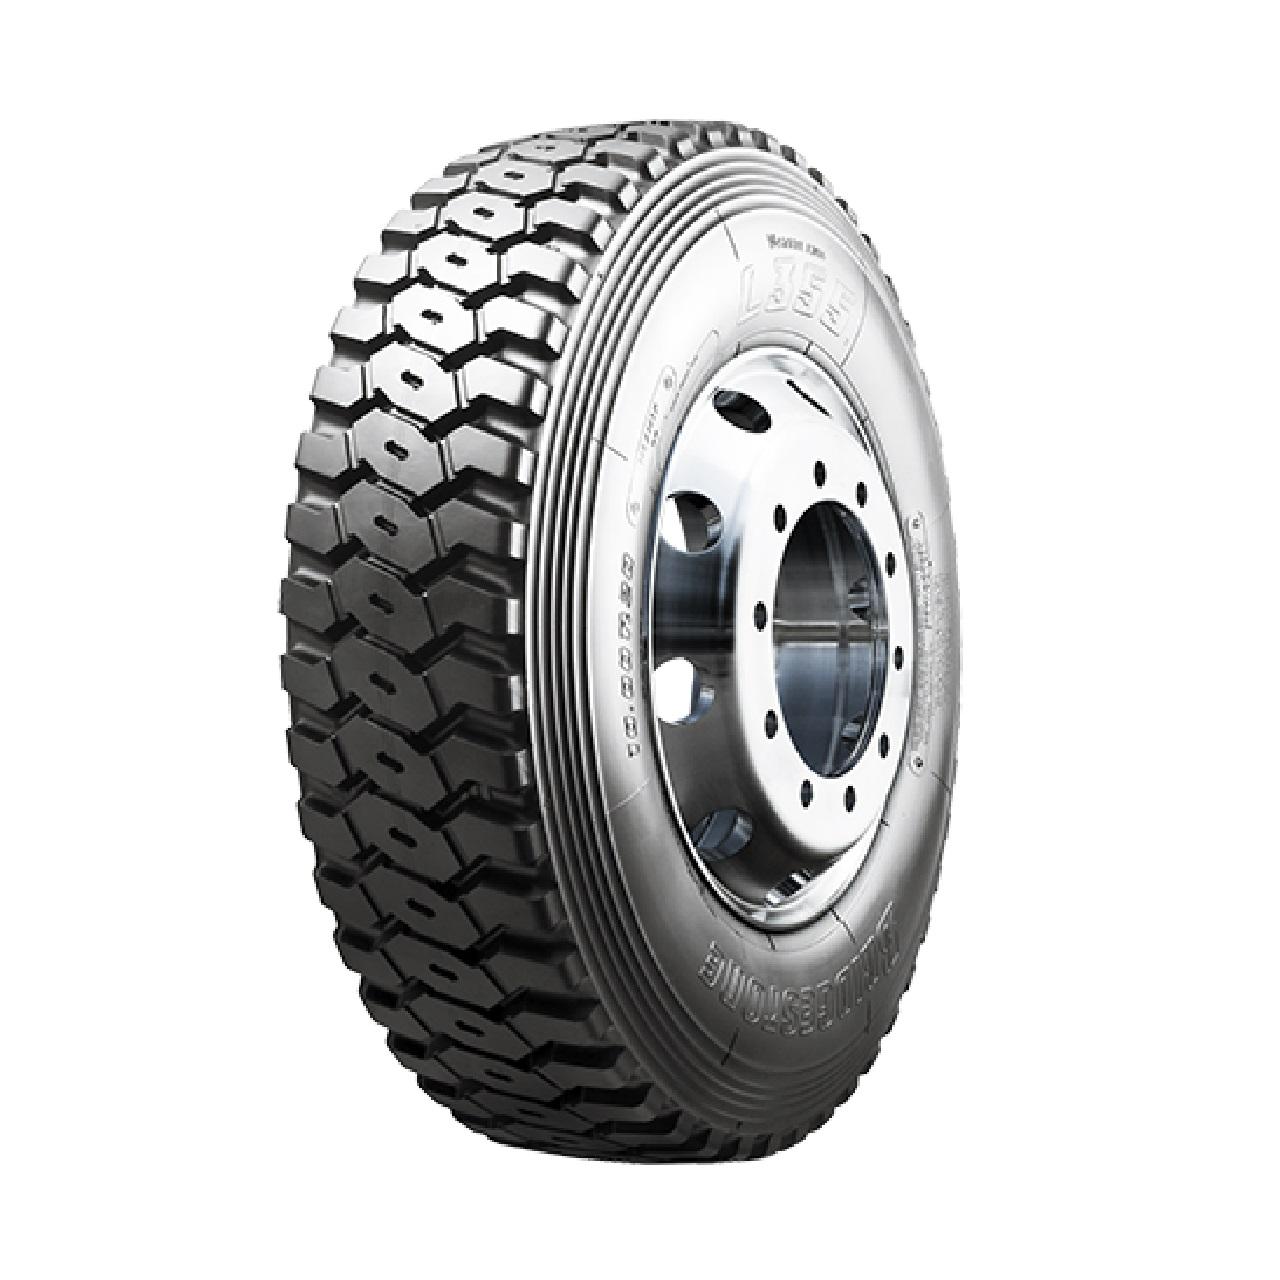 315/80 R22.5 158/156G Bridgestone L355EVO